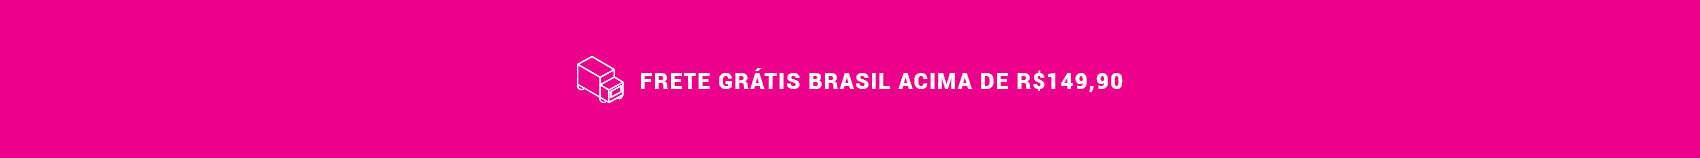 banner-promo-rosa.jpg